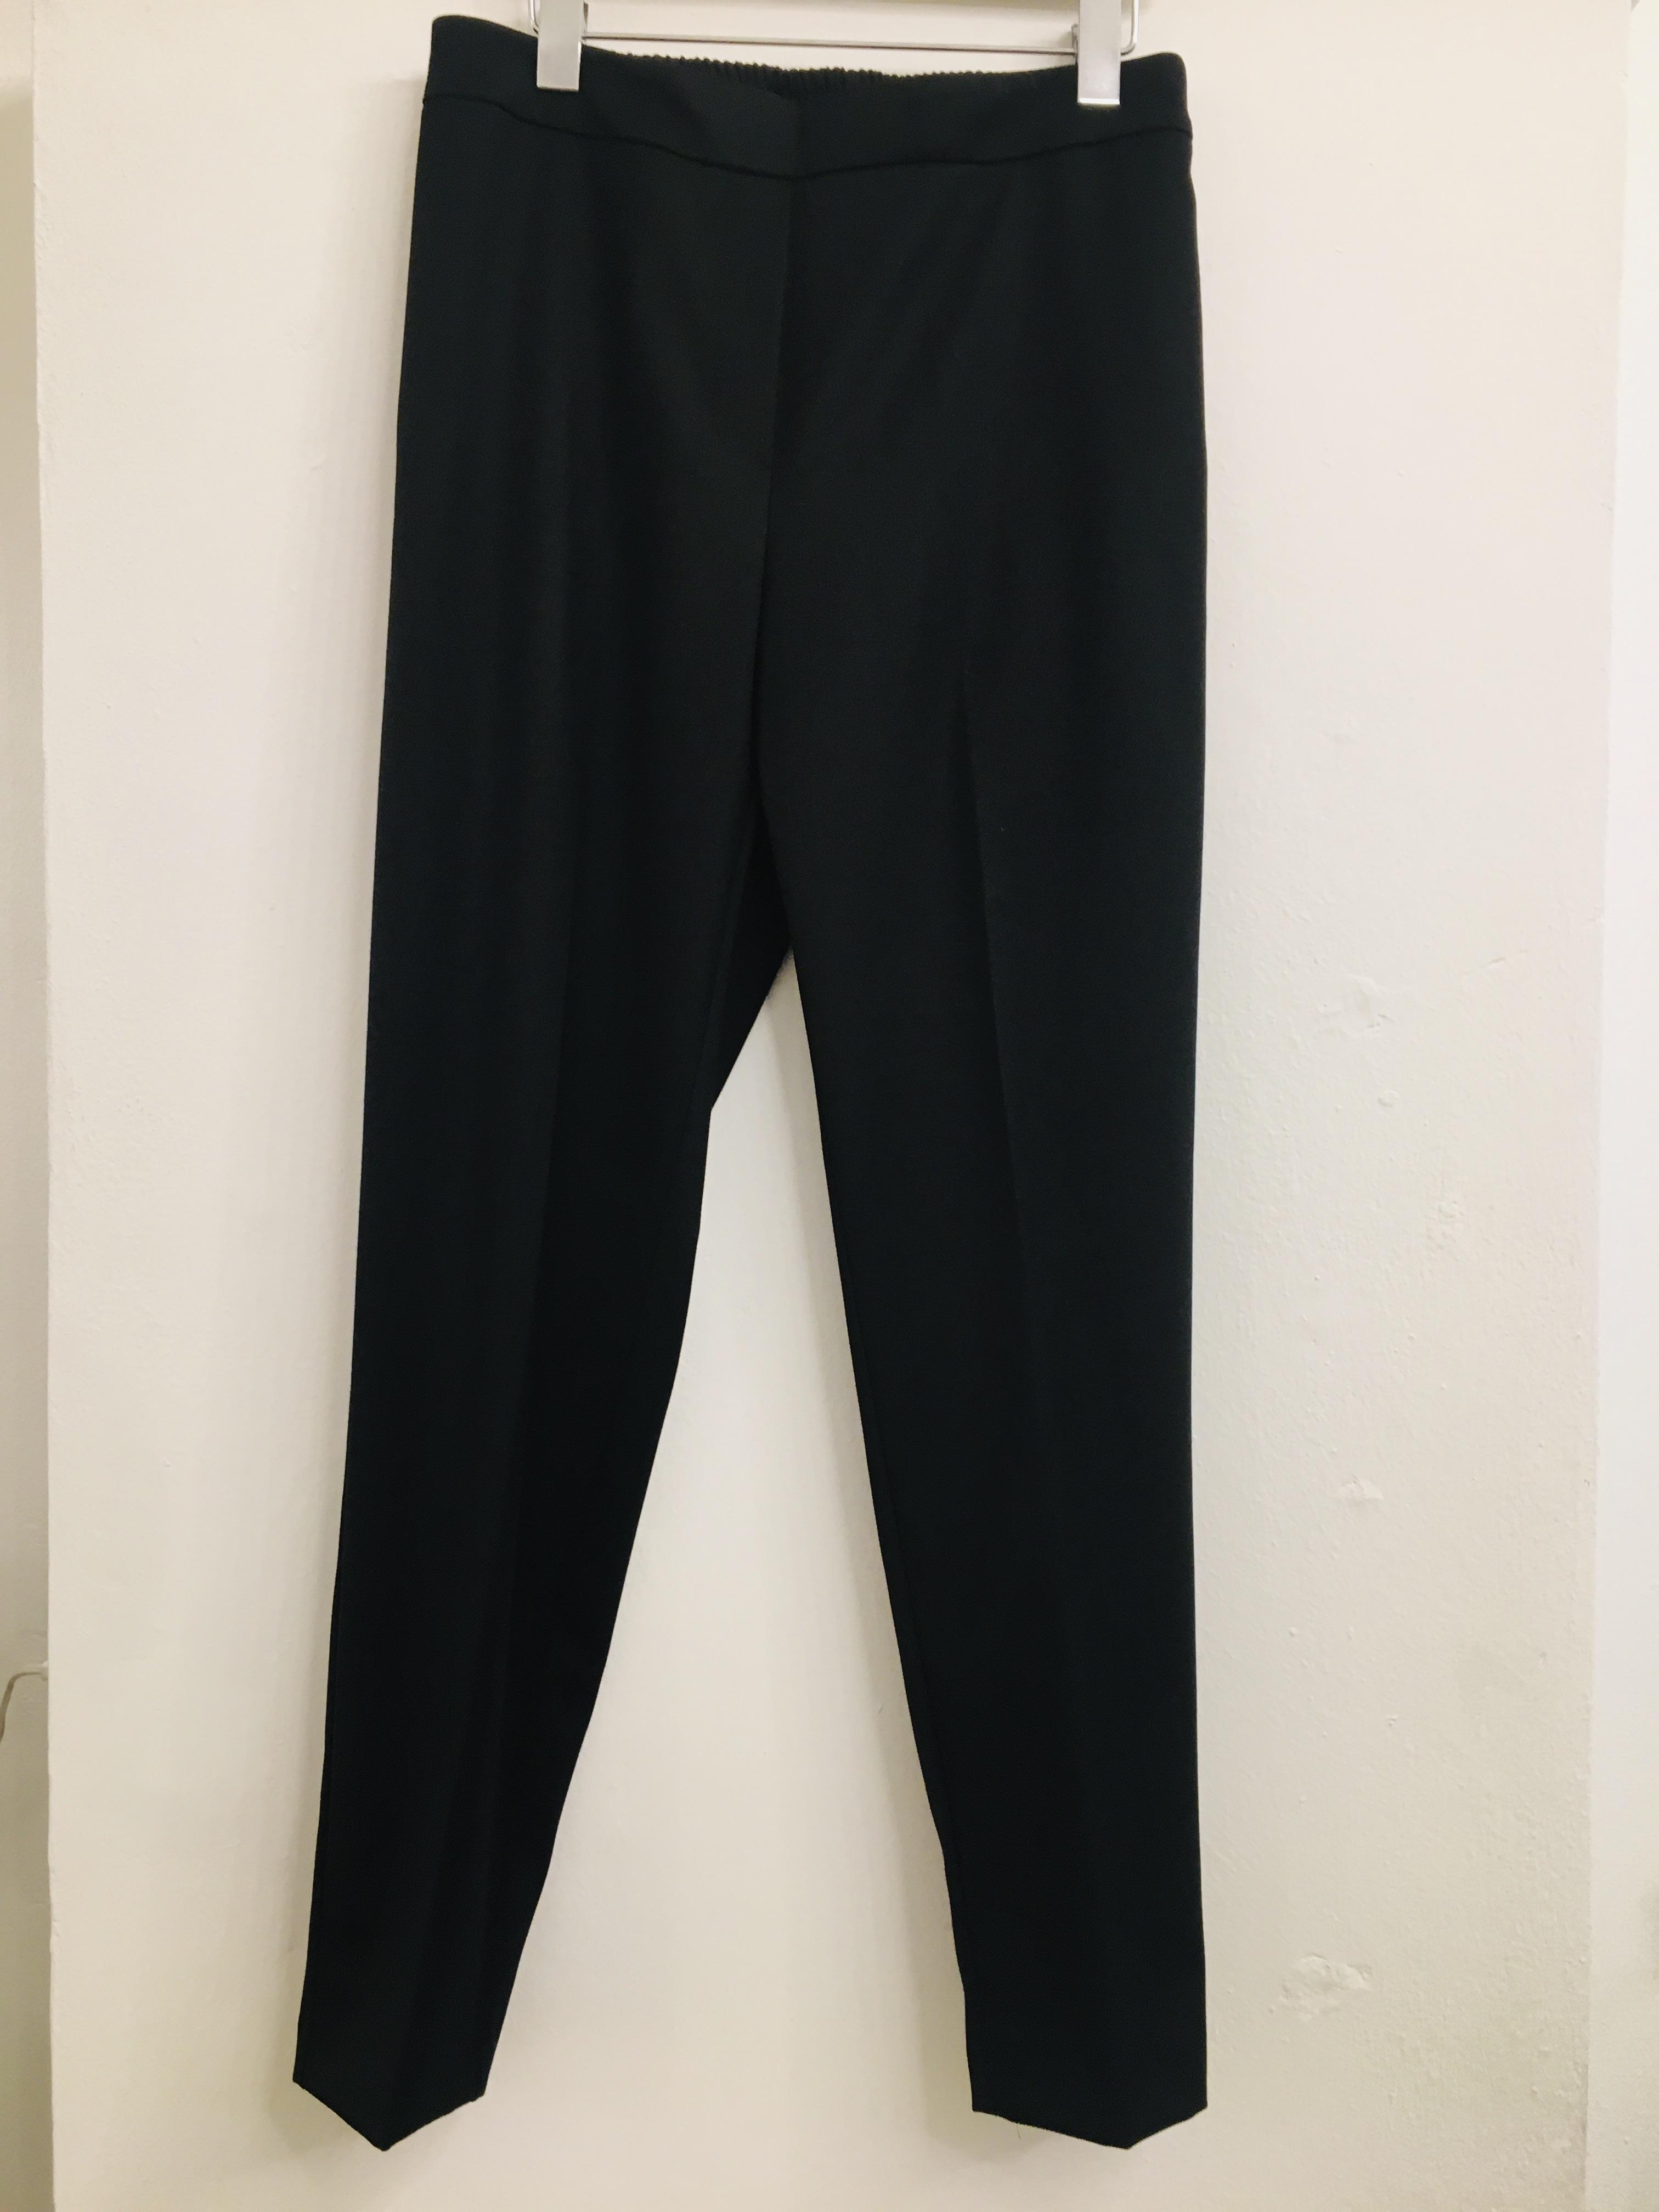 Pantalone donna  a sigaretta  nero  in flanella  con elastico in vita  made in Italy